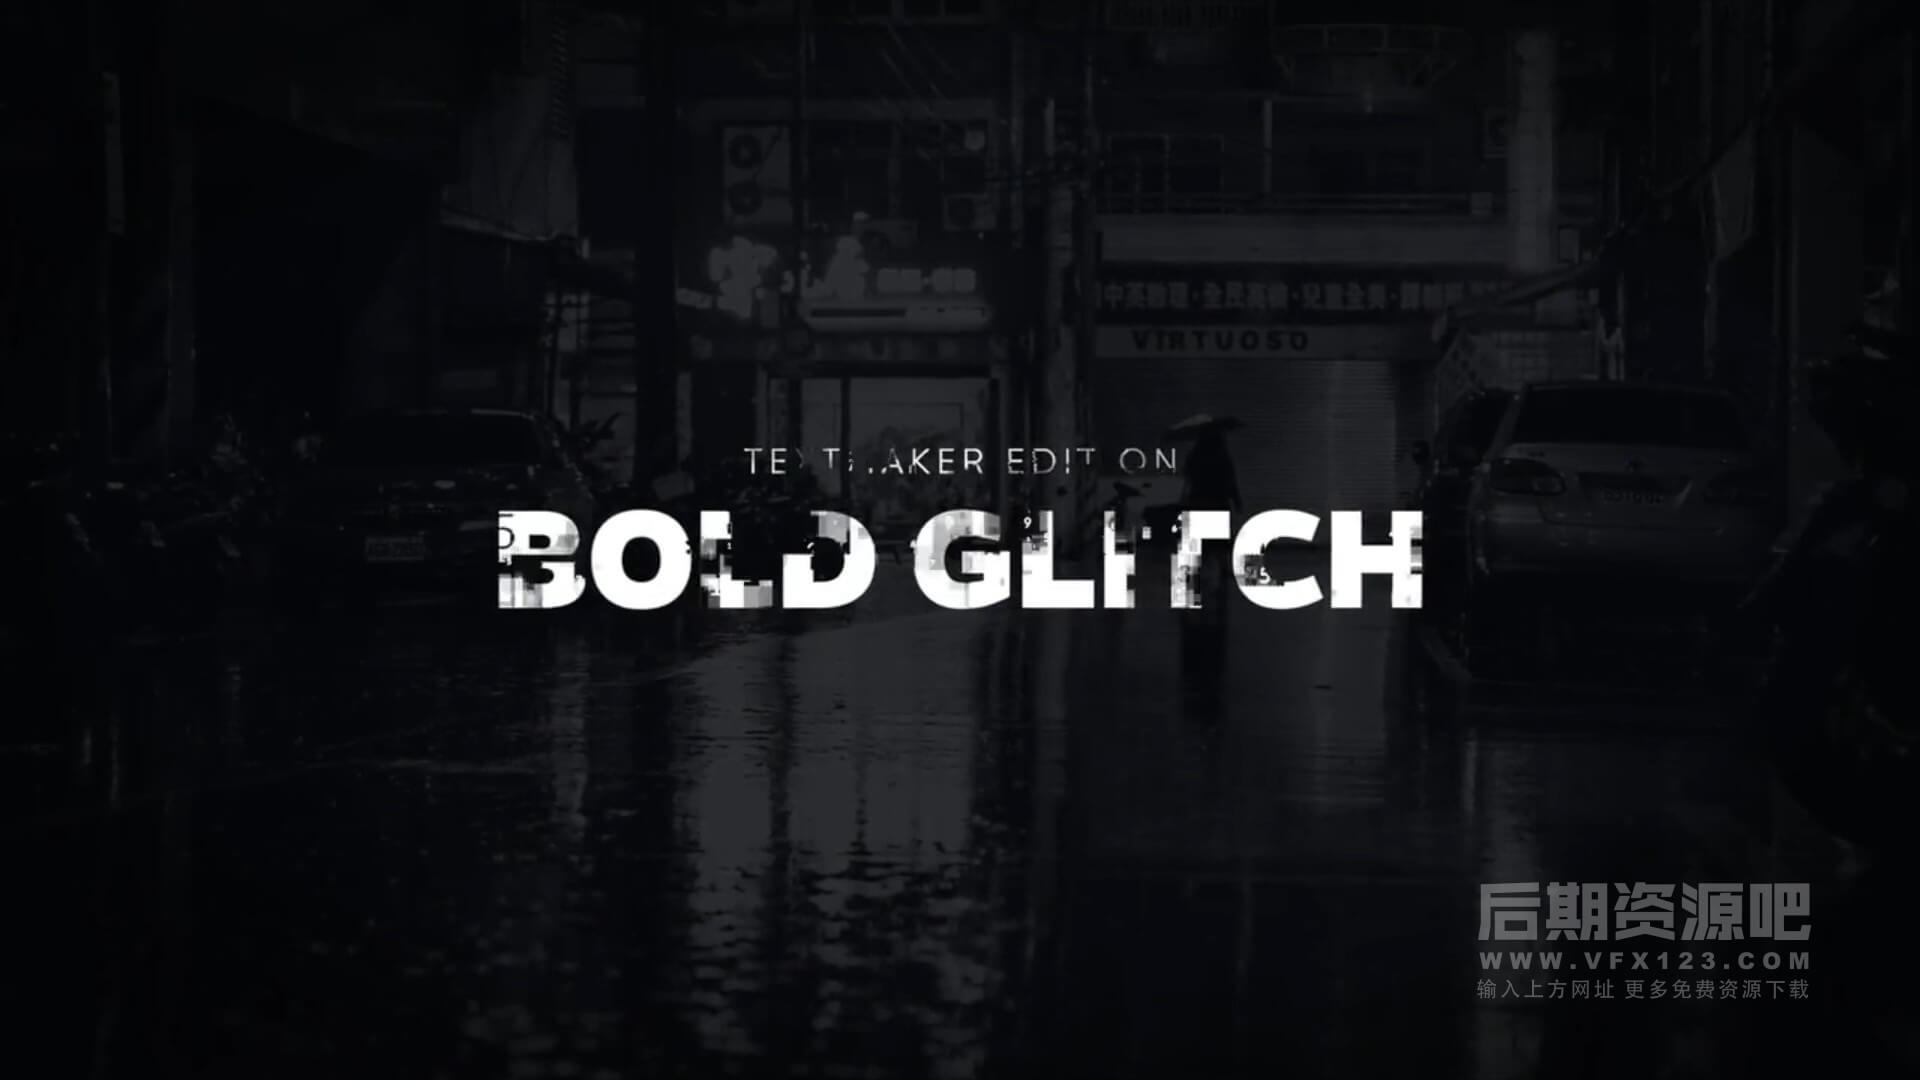 Fcpx文字效果插件 8组小故障干扰毛刺标题动画 Titles Animator Bold Glitch